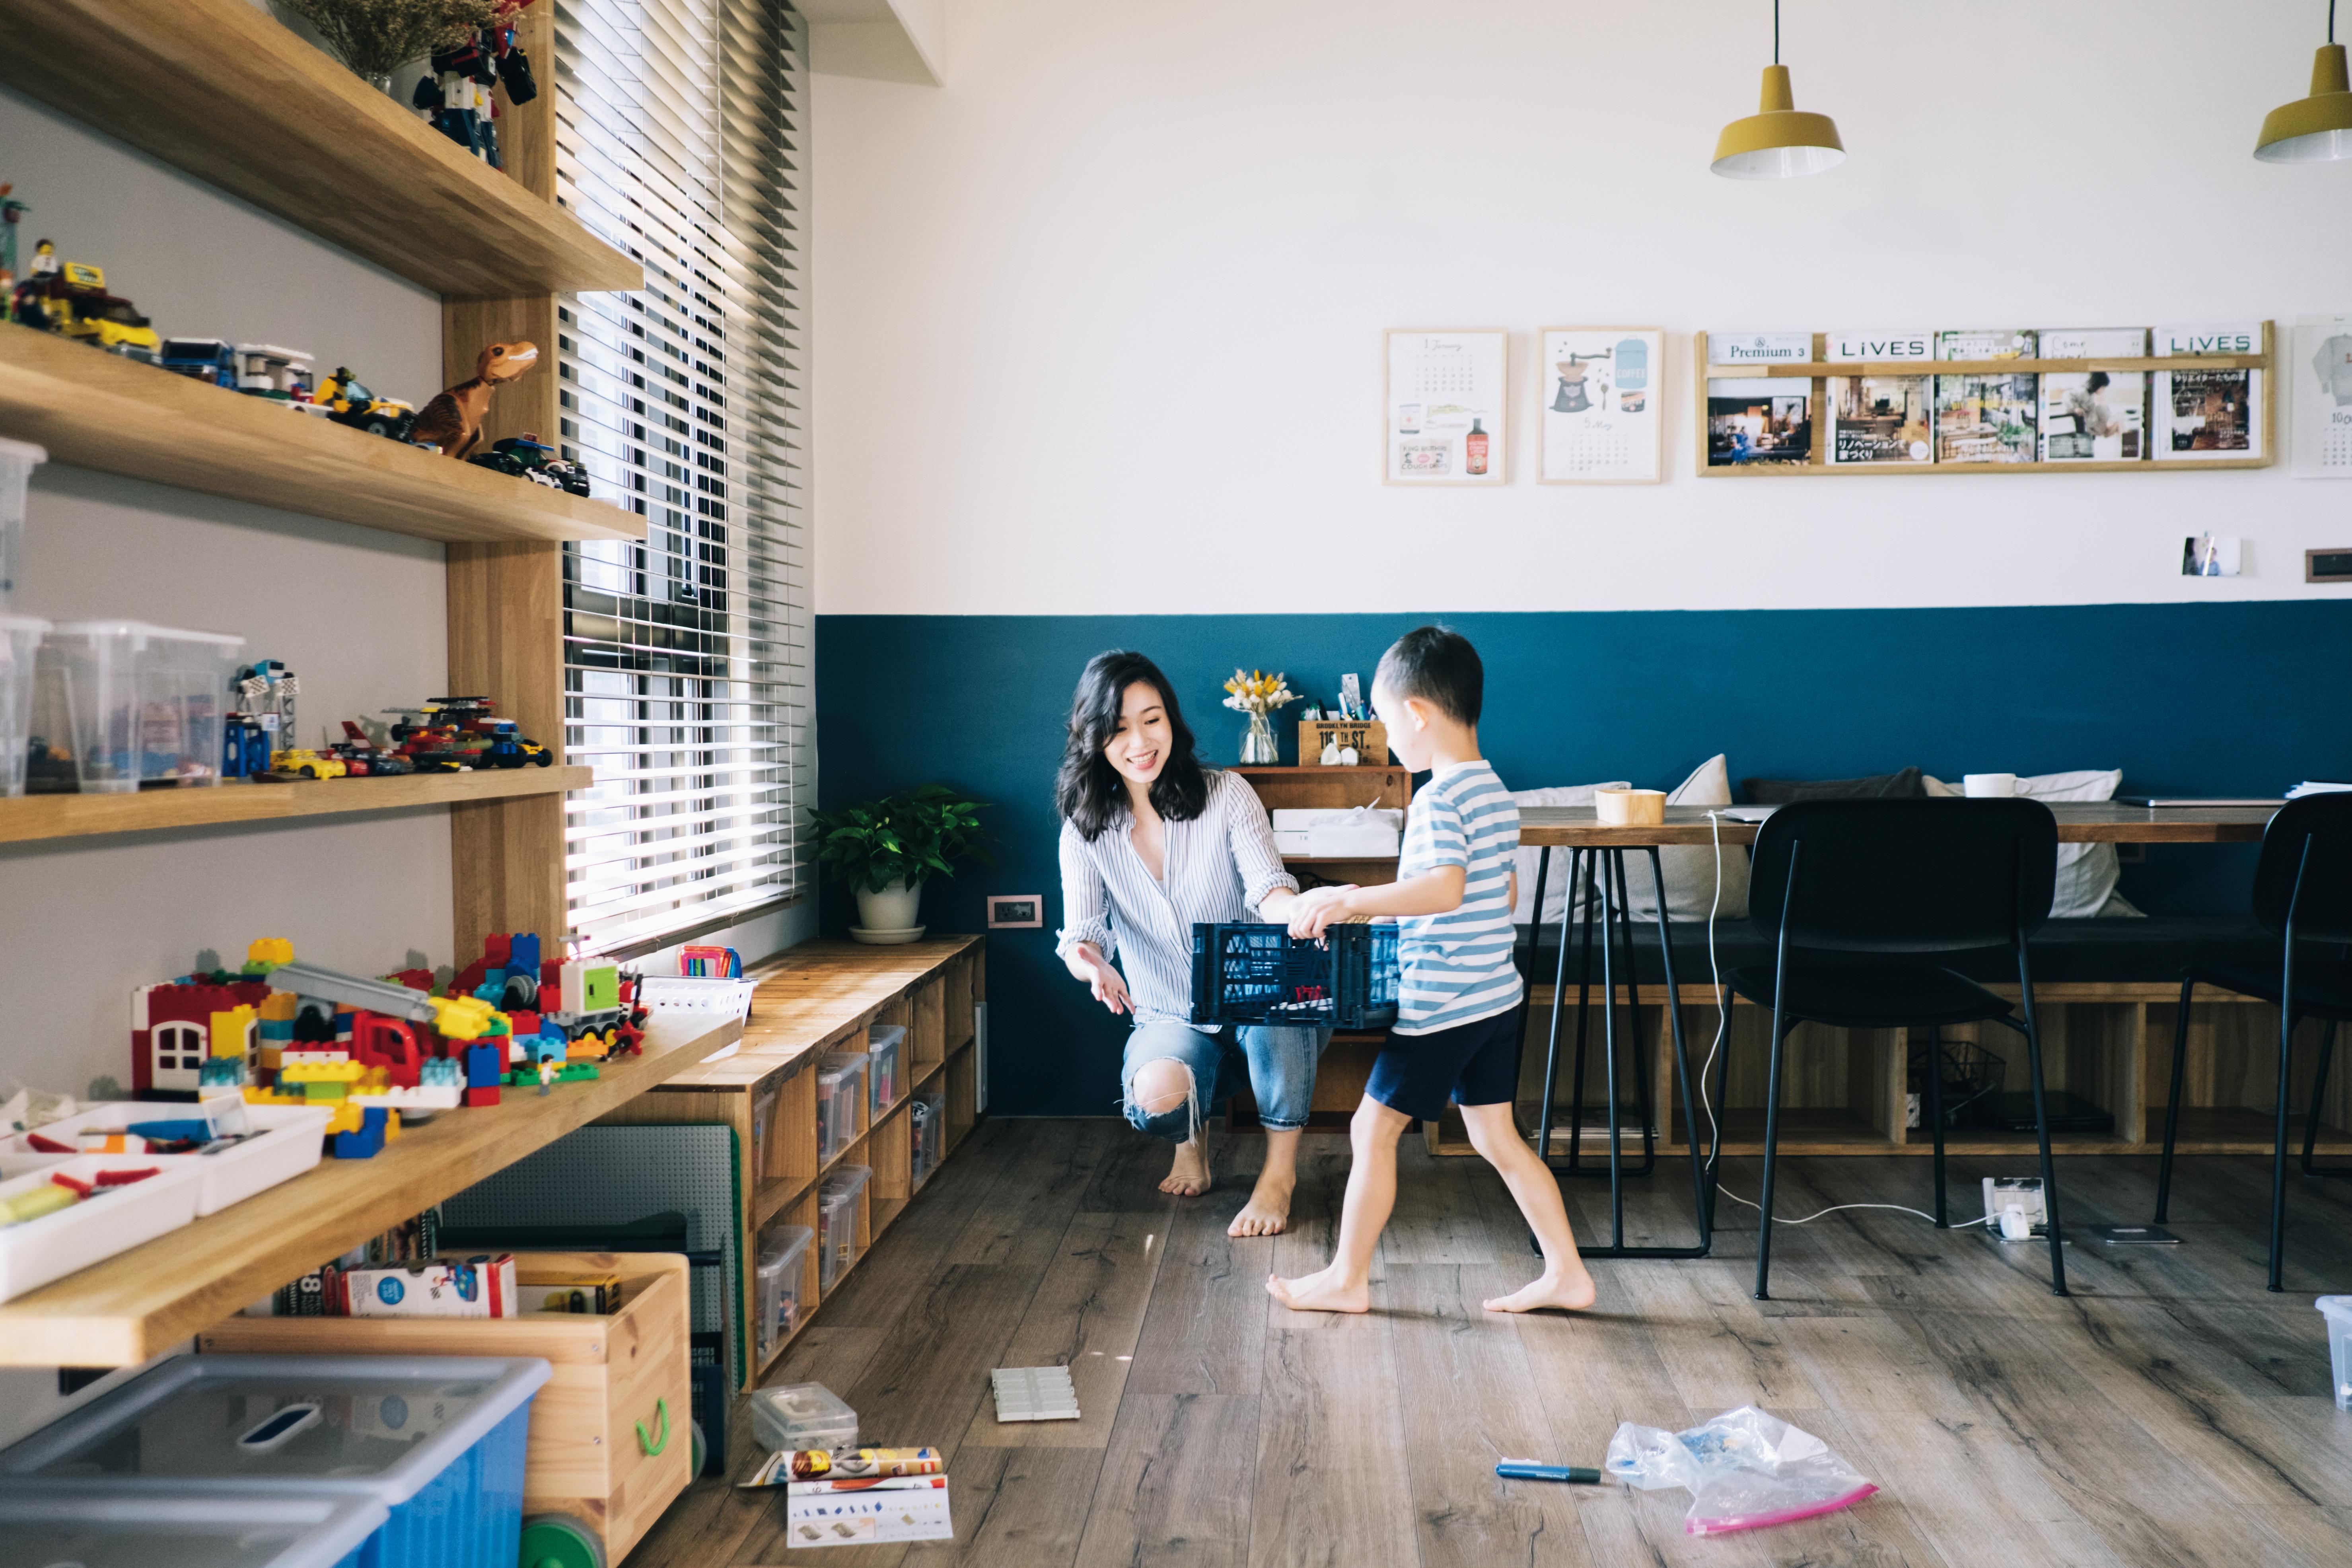 ▲通體舒暢的順手感‧家收納     有小孩仍能維持整潔。(圖/三采提供,請勿隨意翻拍,以免侵權。)